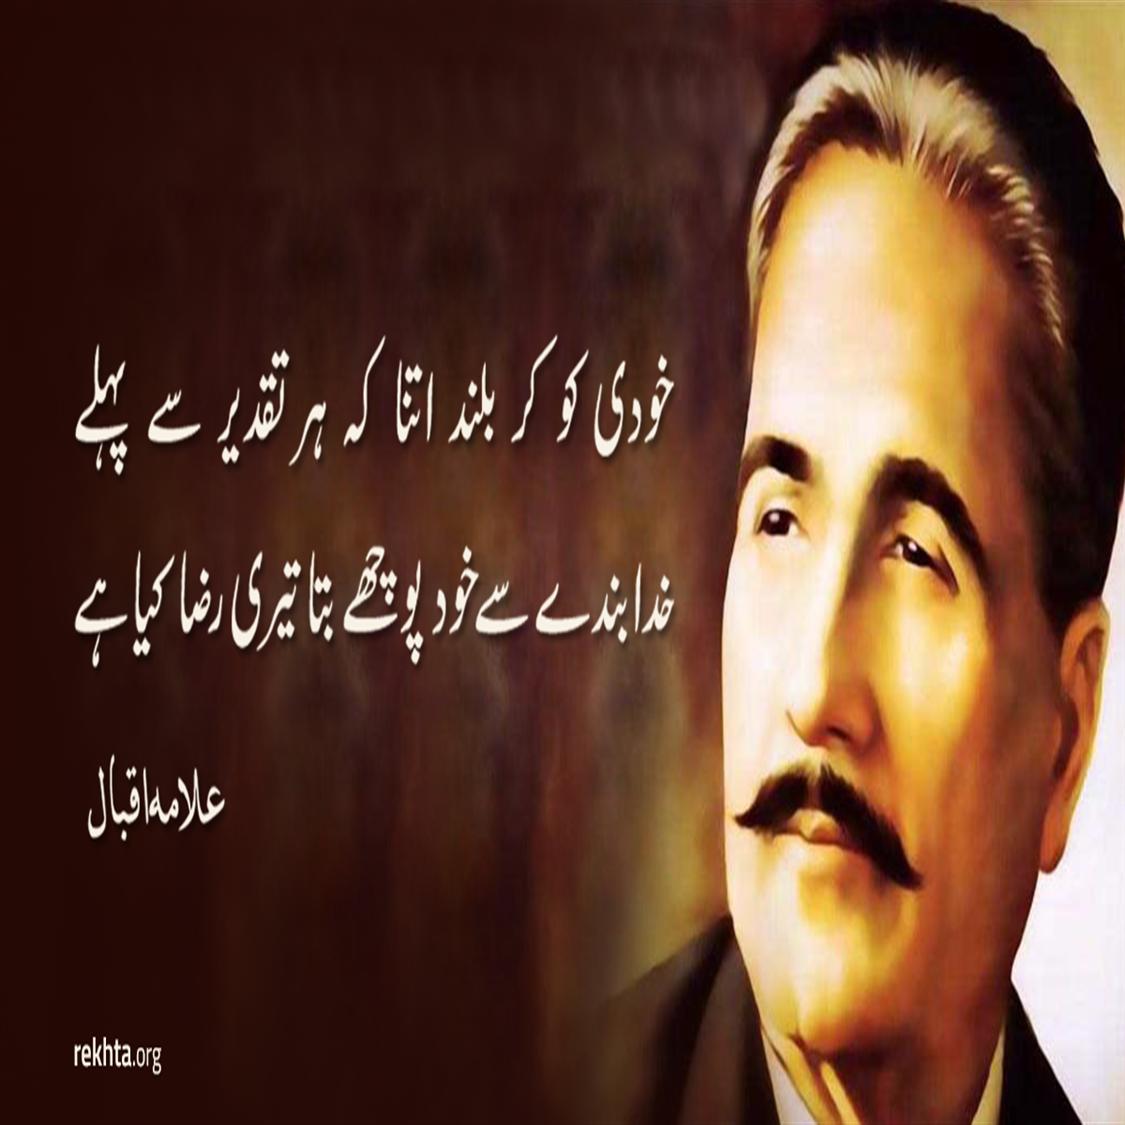 KHudii ko kar buland itnaa ki har taqdiir se pahle-Allama Iqbal